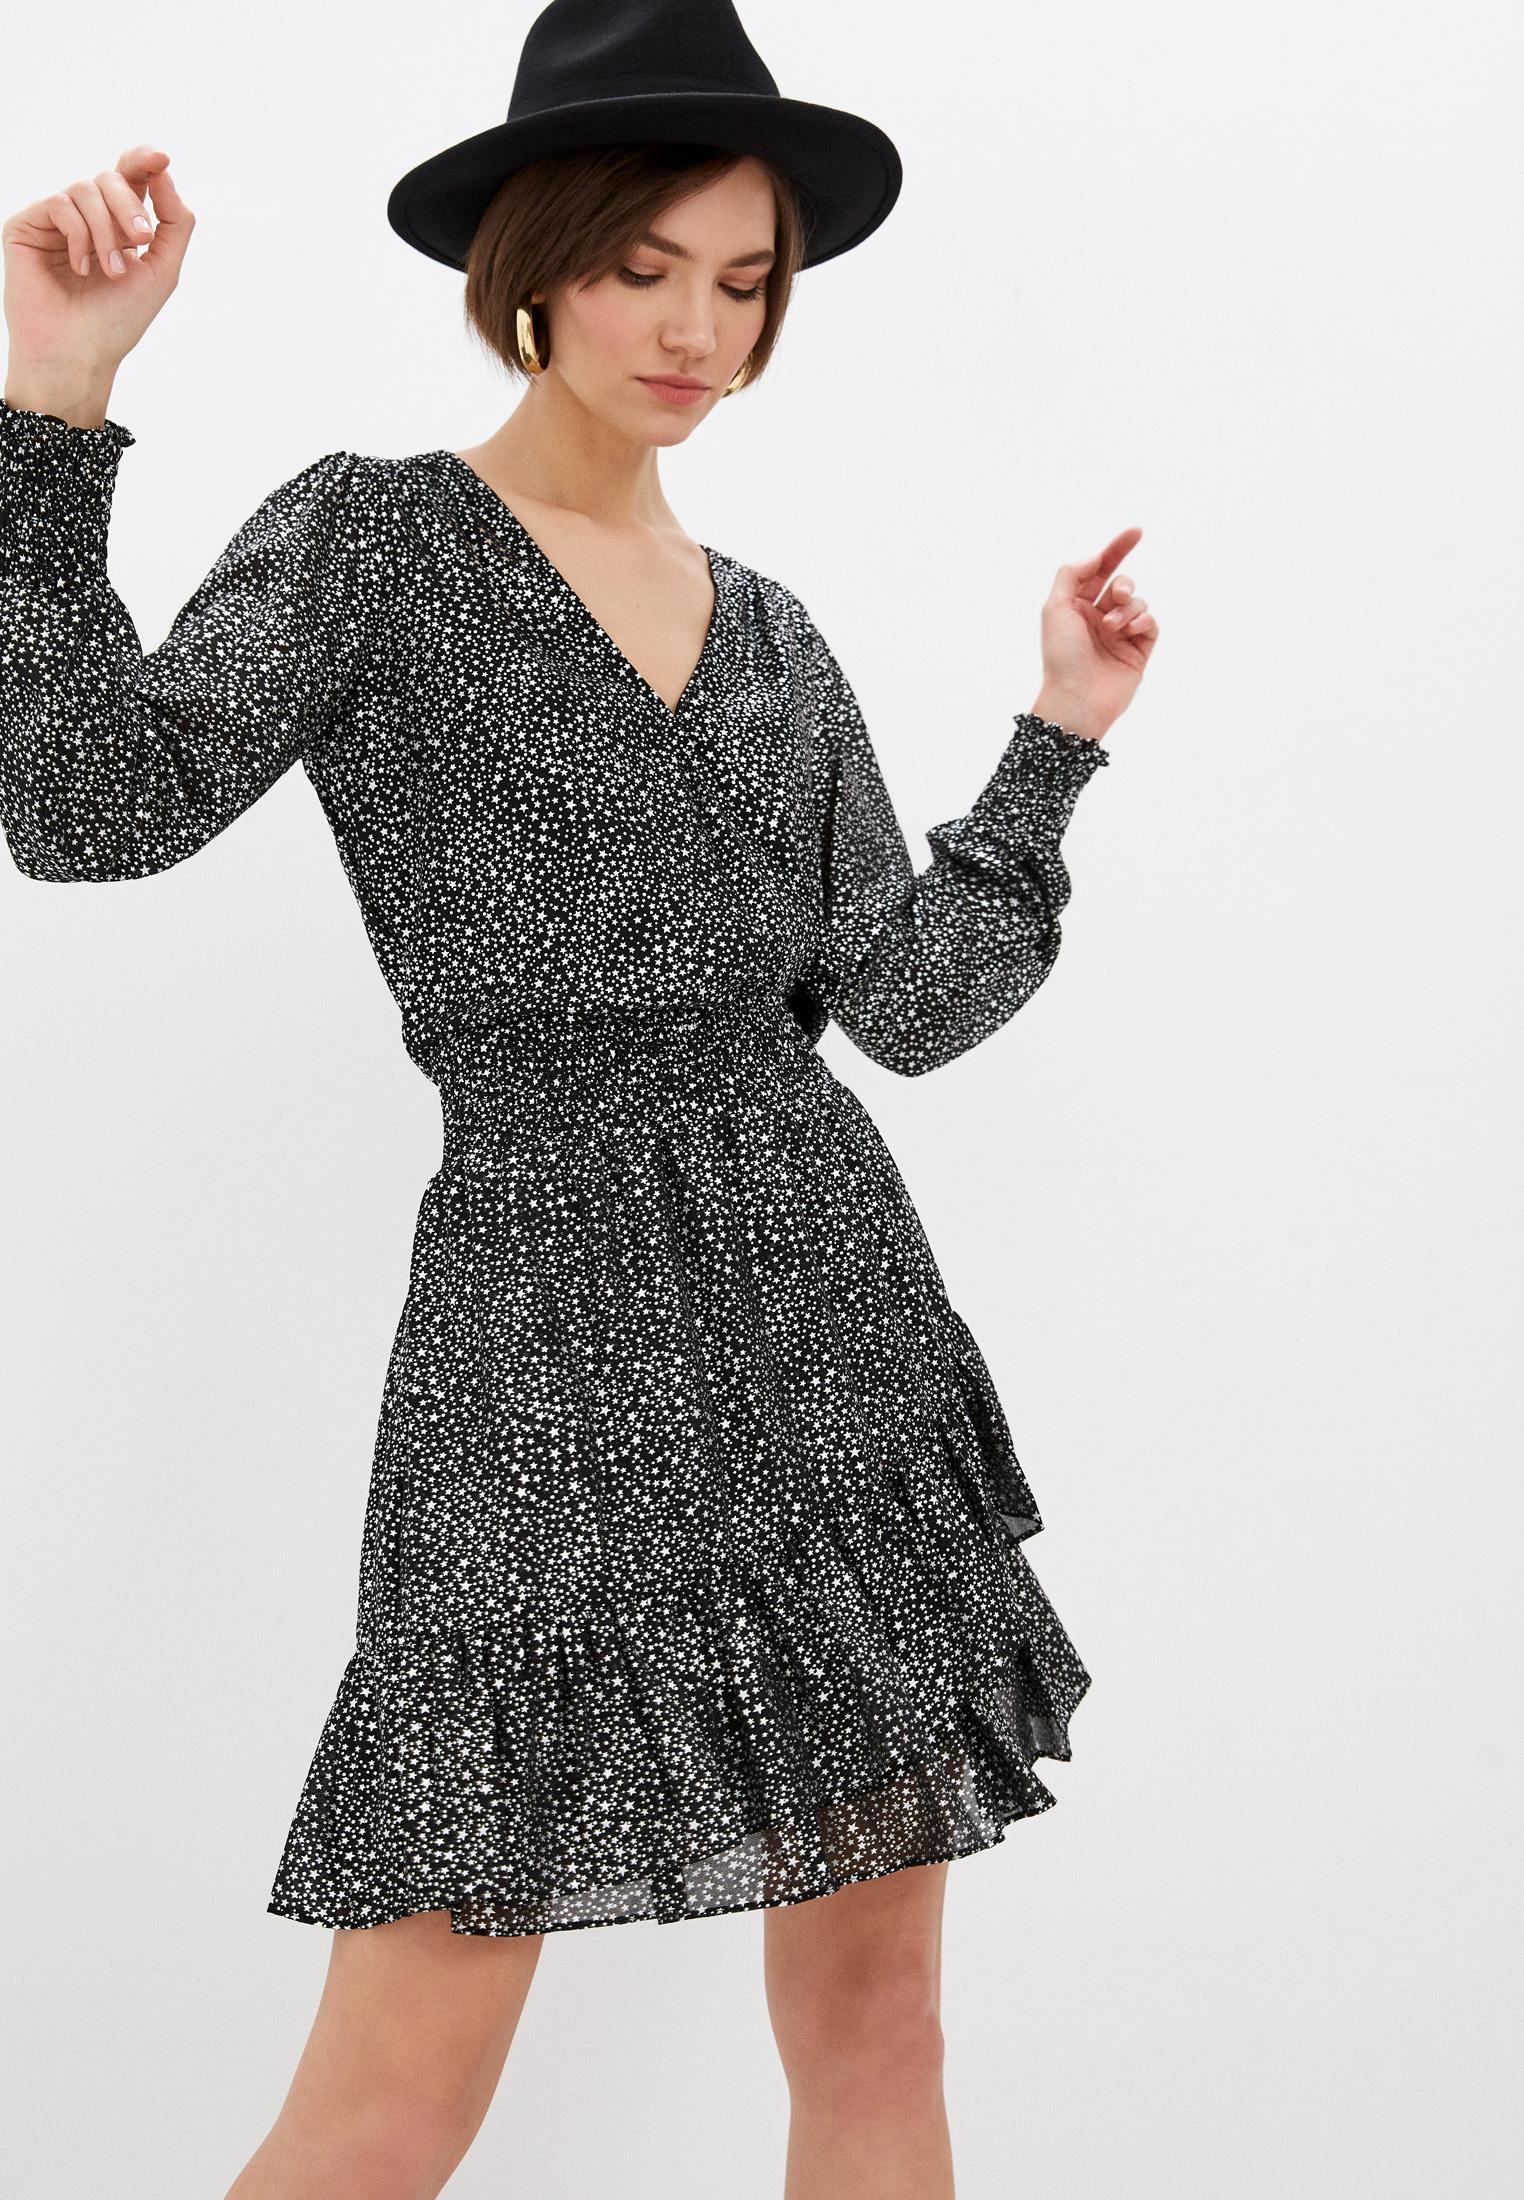 Повседневное платье Michael Michael Kors Платье Michael Michael Kors